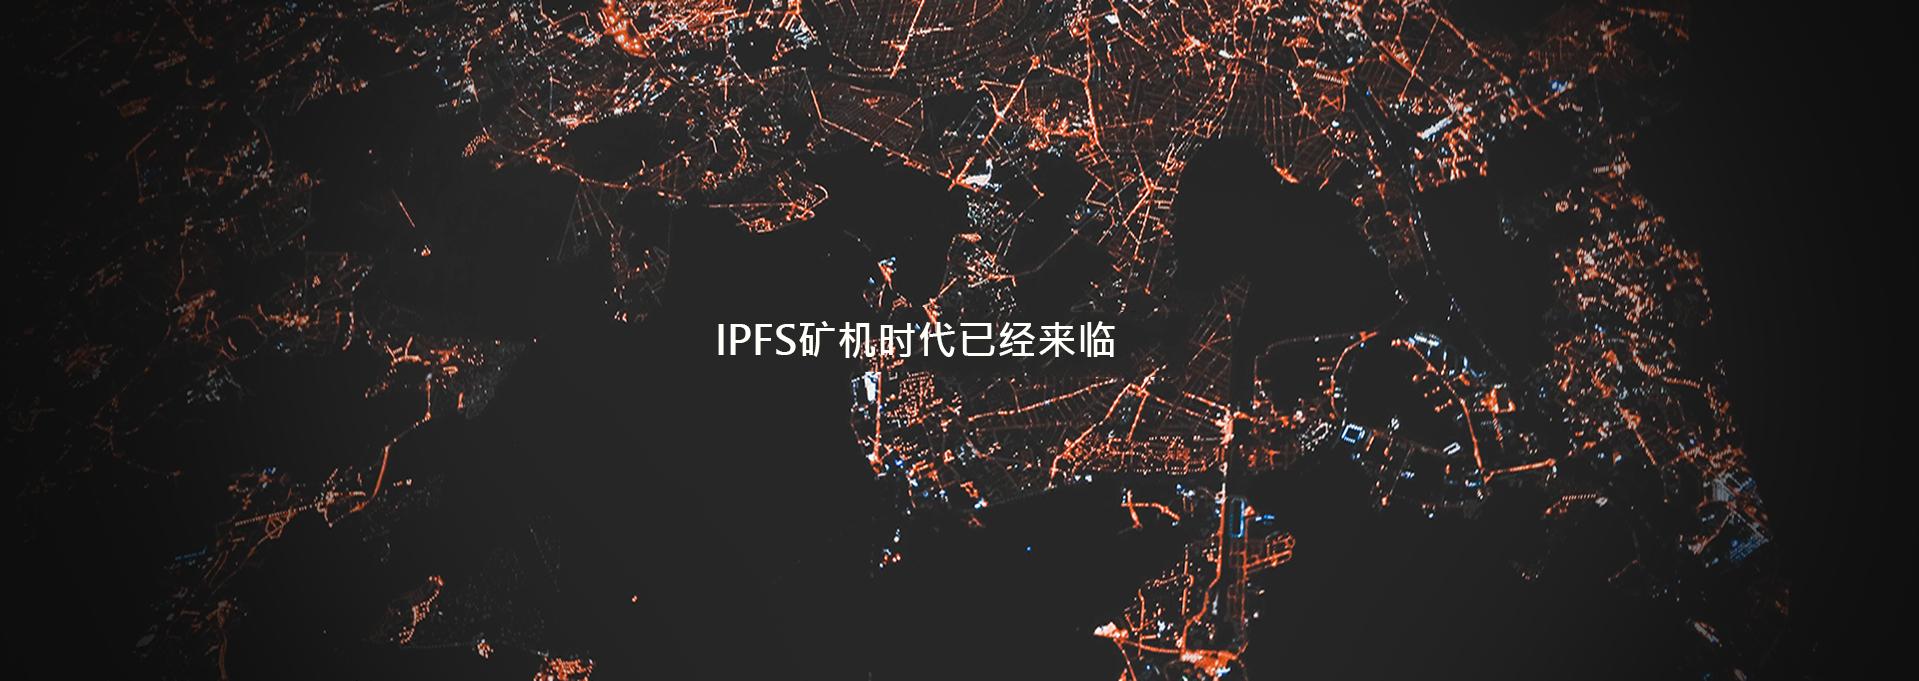 小程序banner